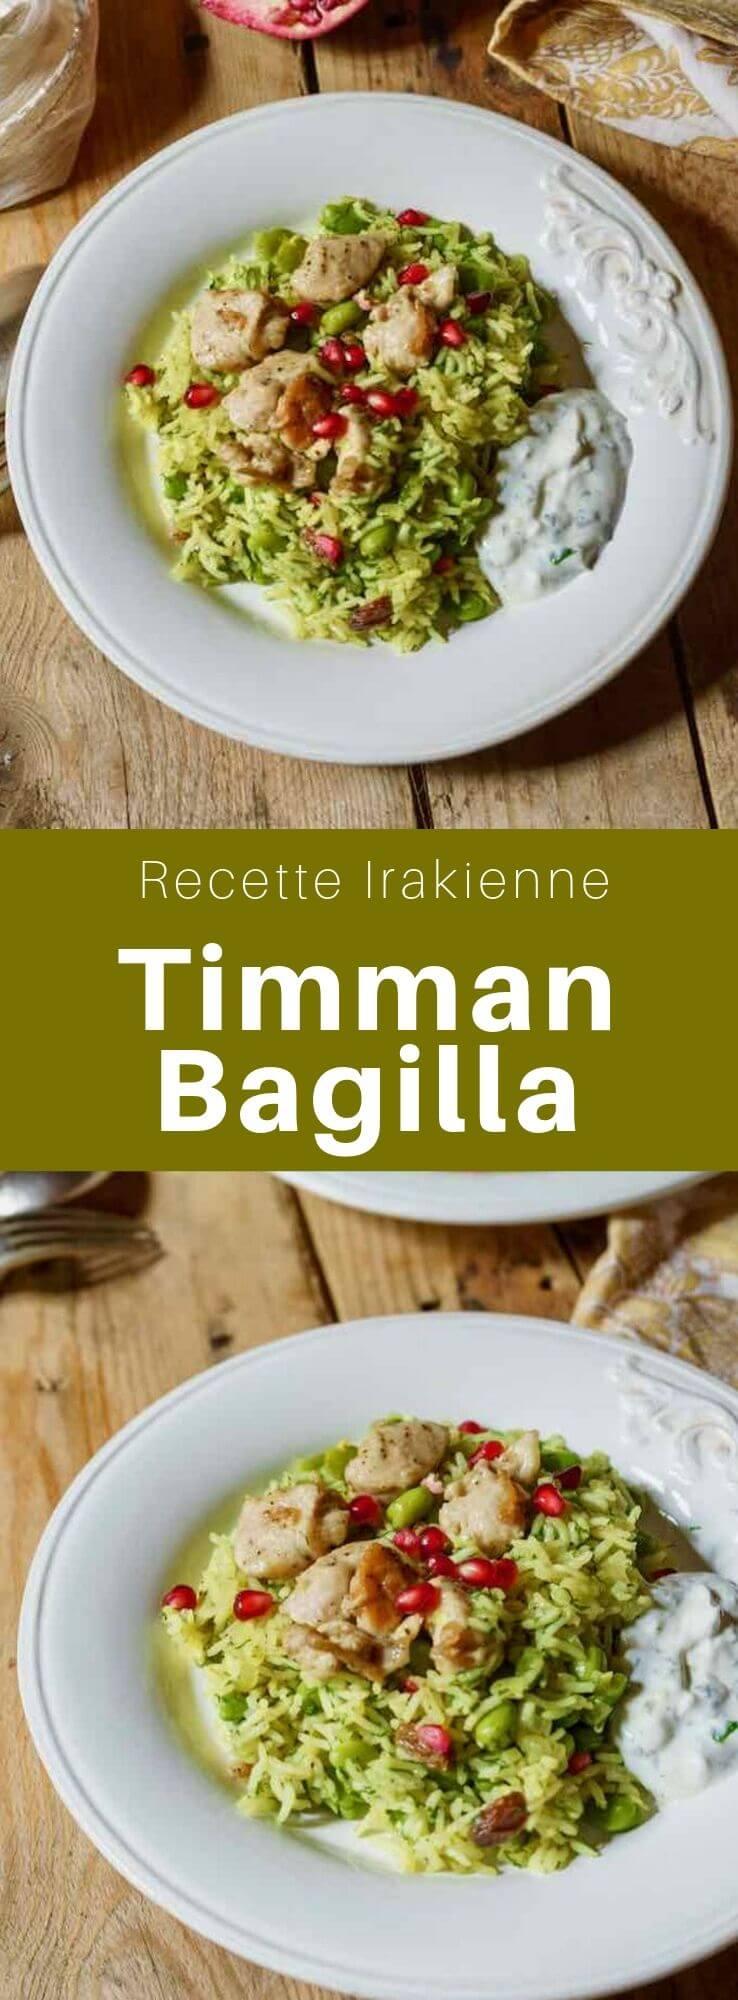 Le timman bagilla est un riz aux fèves traditionnel de la cuisine irakienne. Il peut être servi nature ou accompagné de poulet, d'agneau ou autre viande. #Irak #CuisineIrakienne #RecetteIrakienne #CuisineDuMonde #196flavors